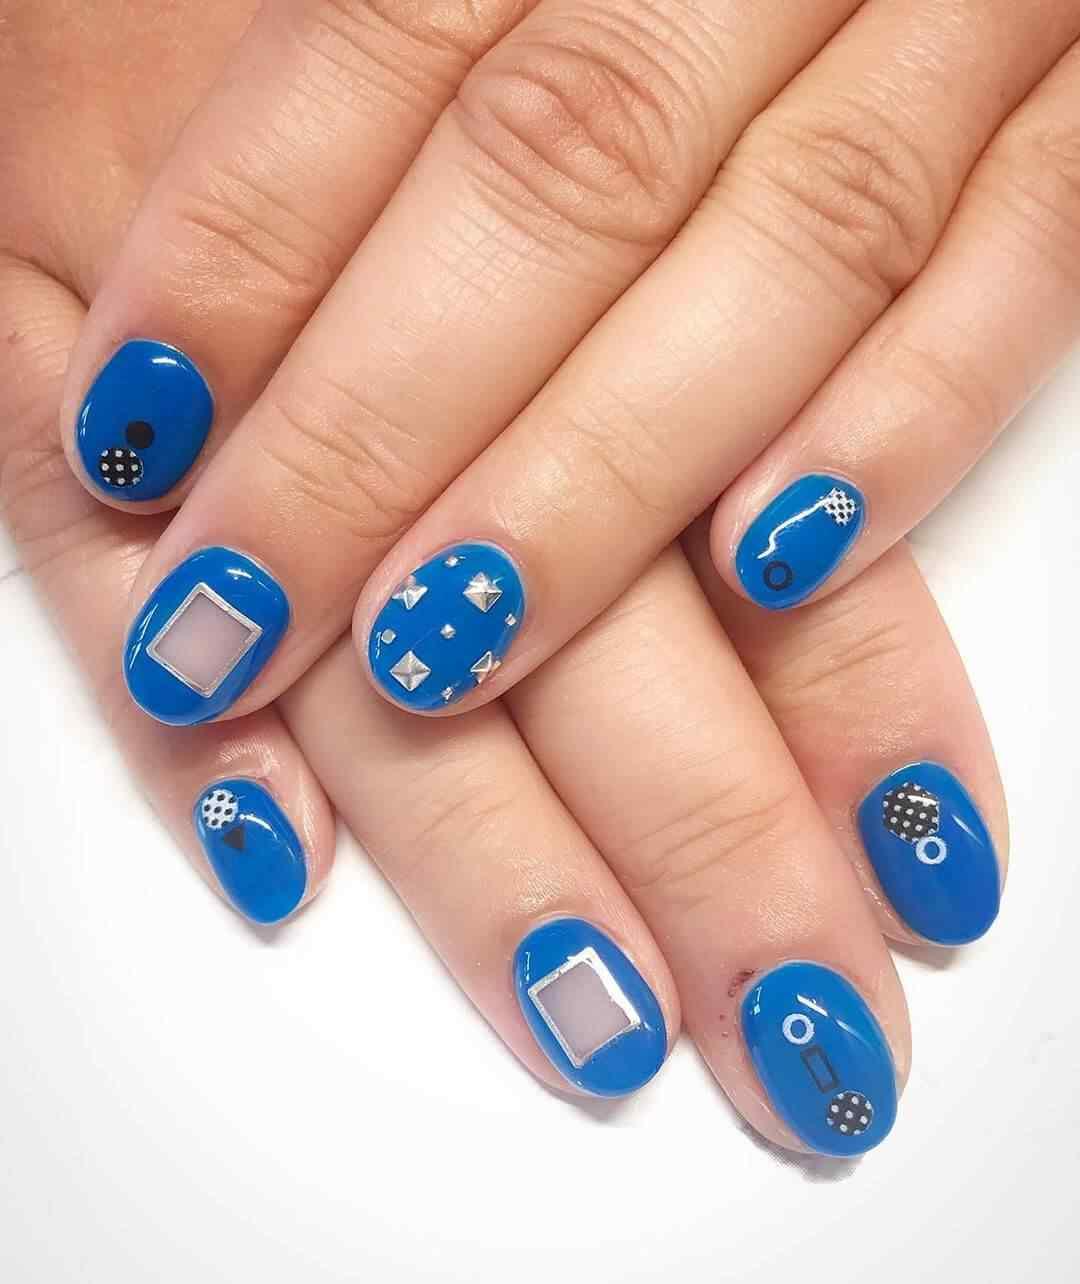 diseño juvenil de uñas en color azul